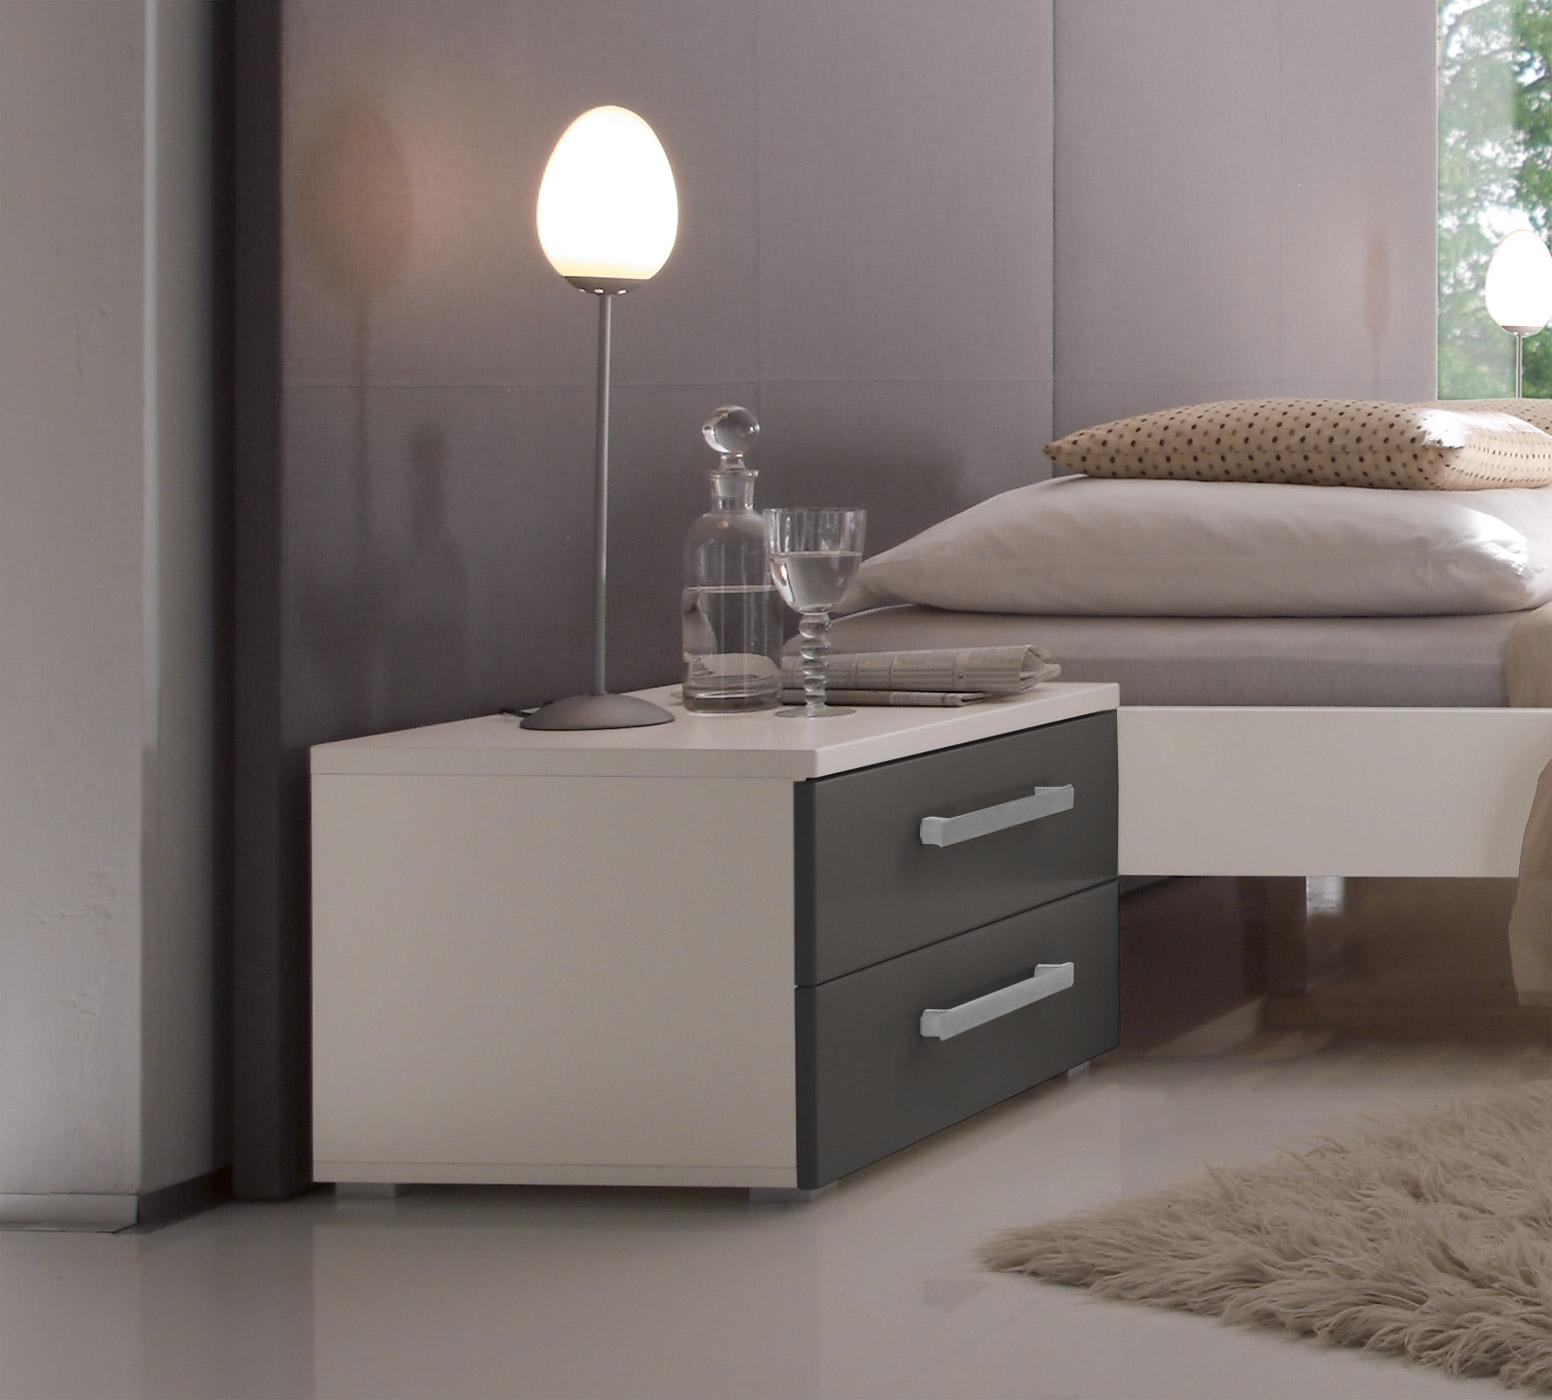 kein platz fr nachttisch trendy industrial by chris snook with kein platz fr nachttisch. Black Bedroom Furniture Sets. Home Design Ideas